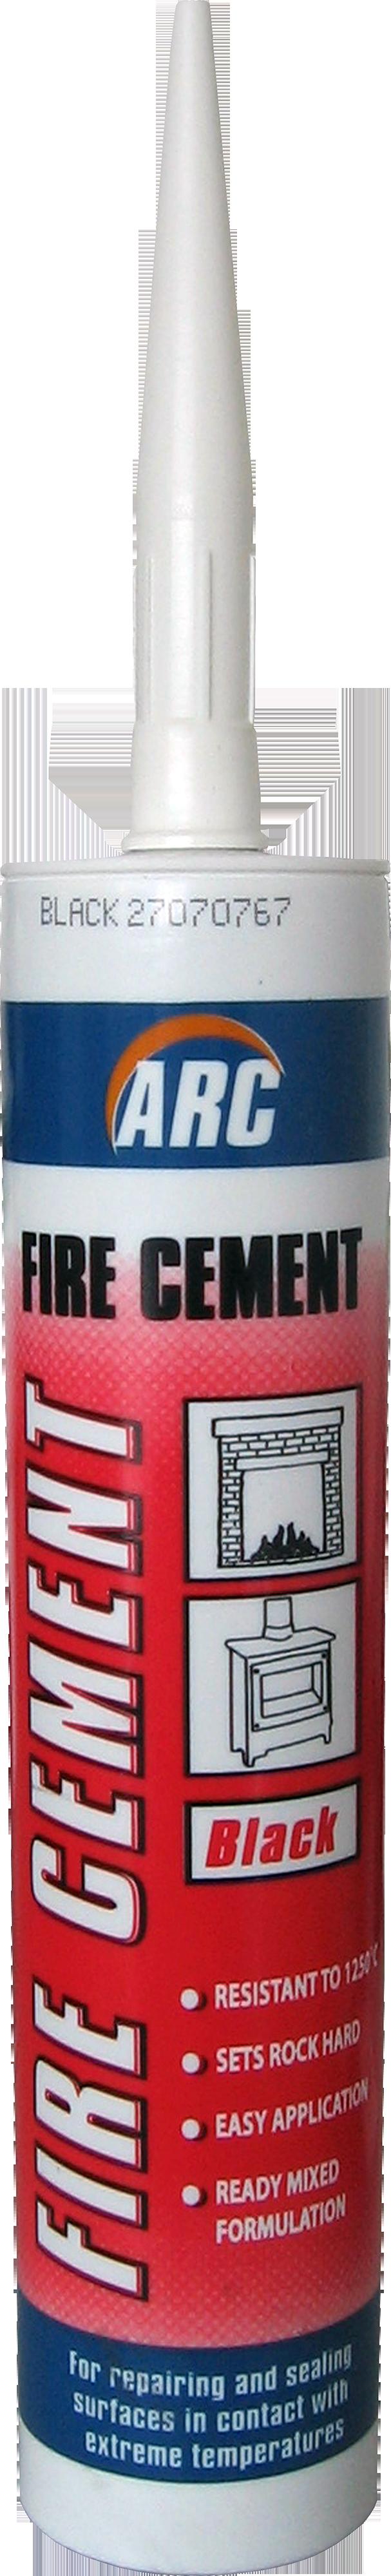 ARC FIRE CEMENT 300ml